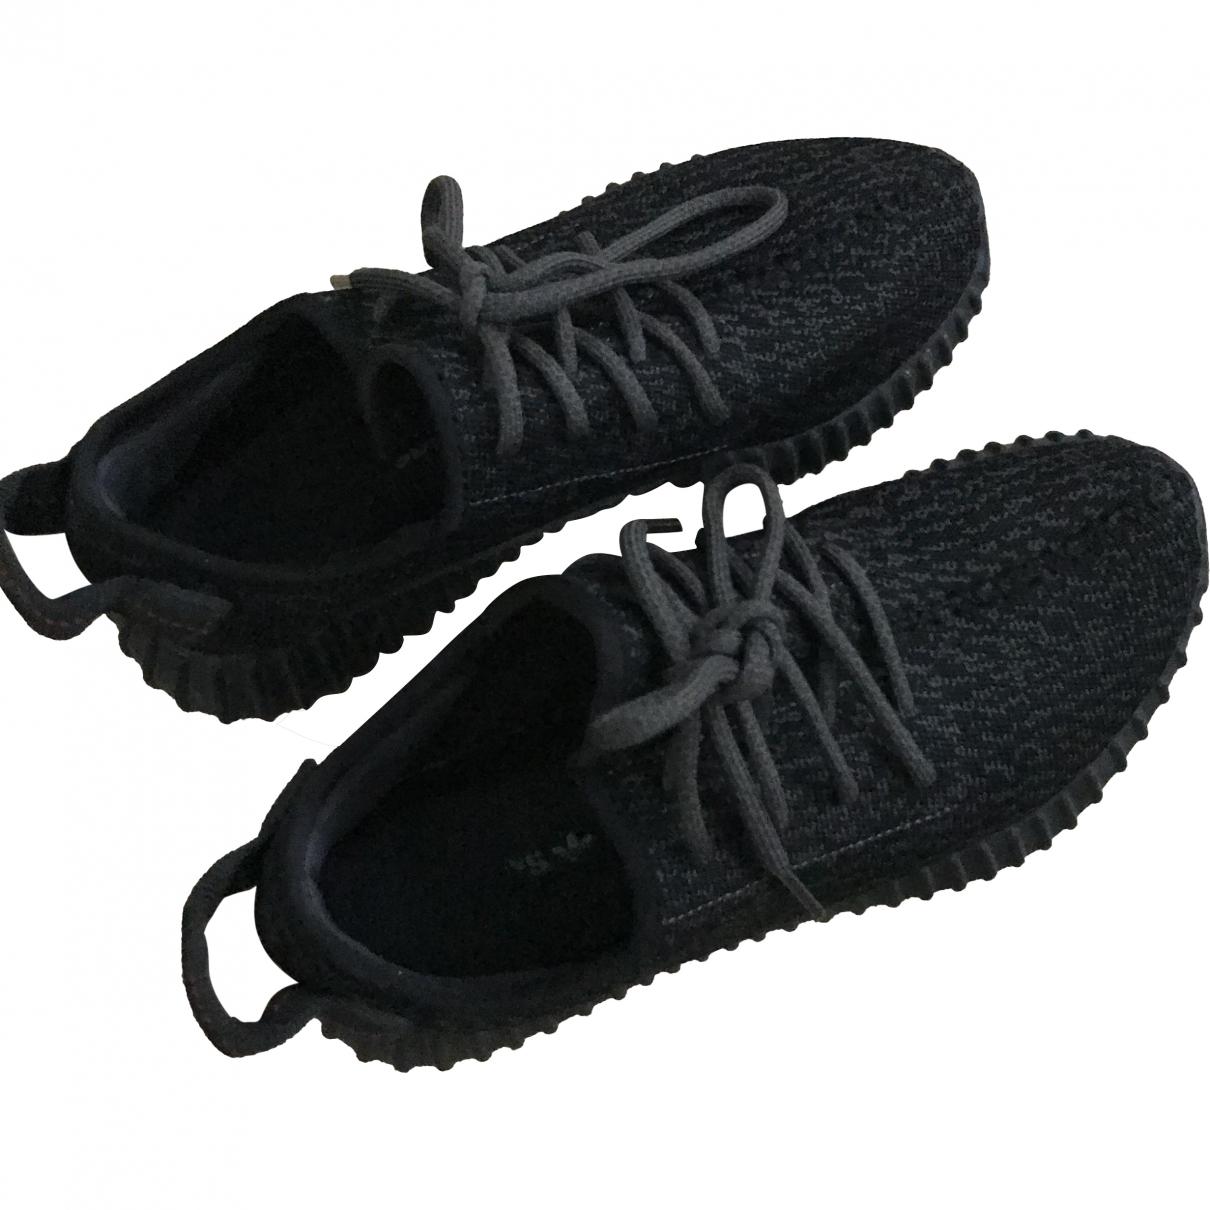 Yeezy X Adidas - Baskets   pour femme en toile - noir